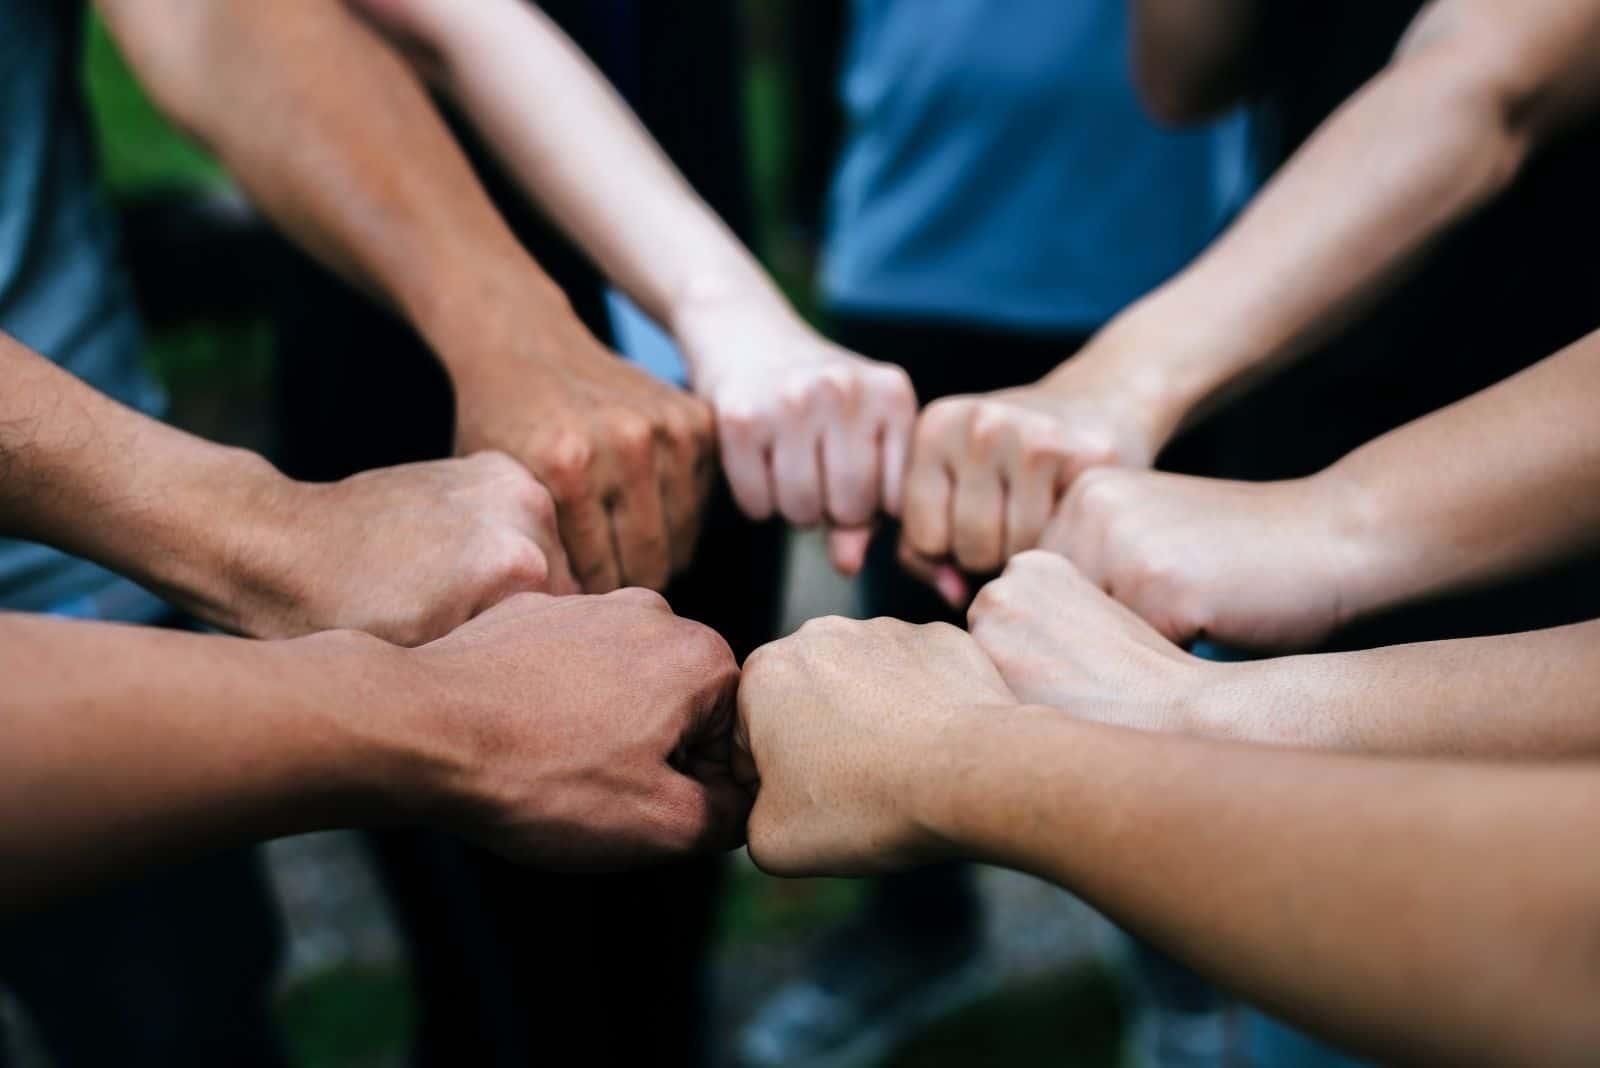 Nahaufnahme der Hände des Schülers, die aufstehen und Fauststoßgesten machen